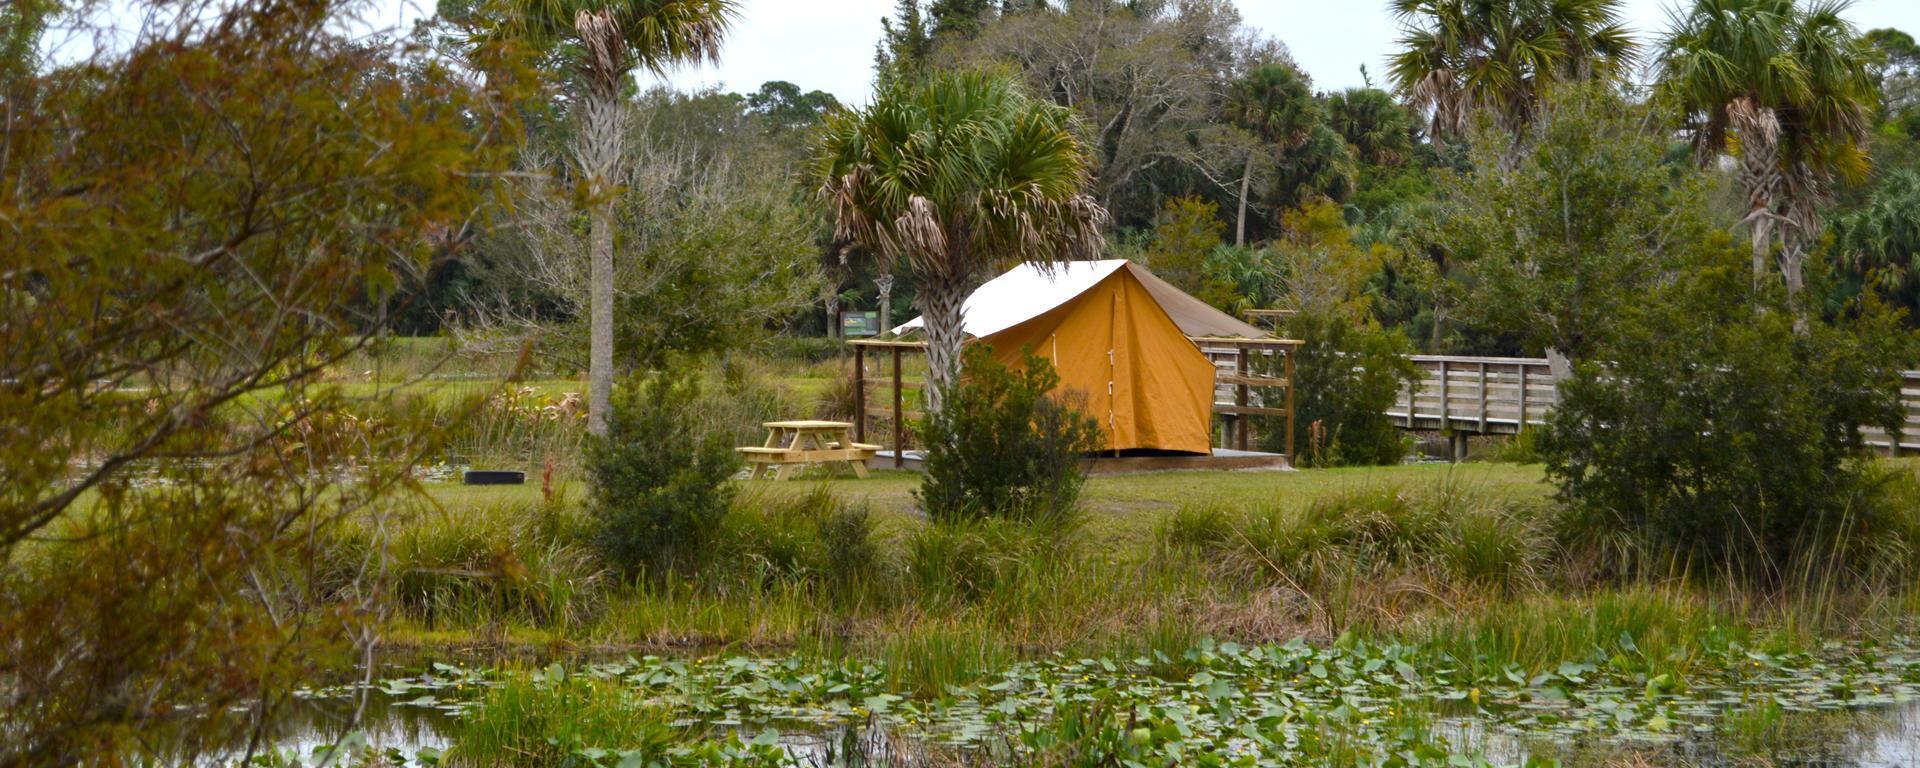 Adventure platform tent